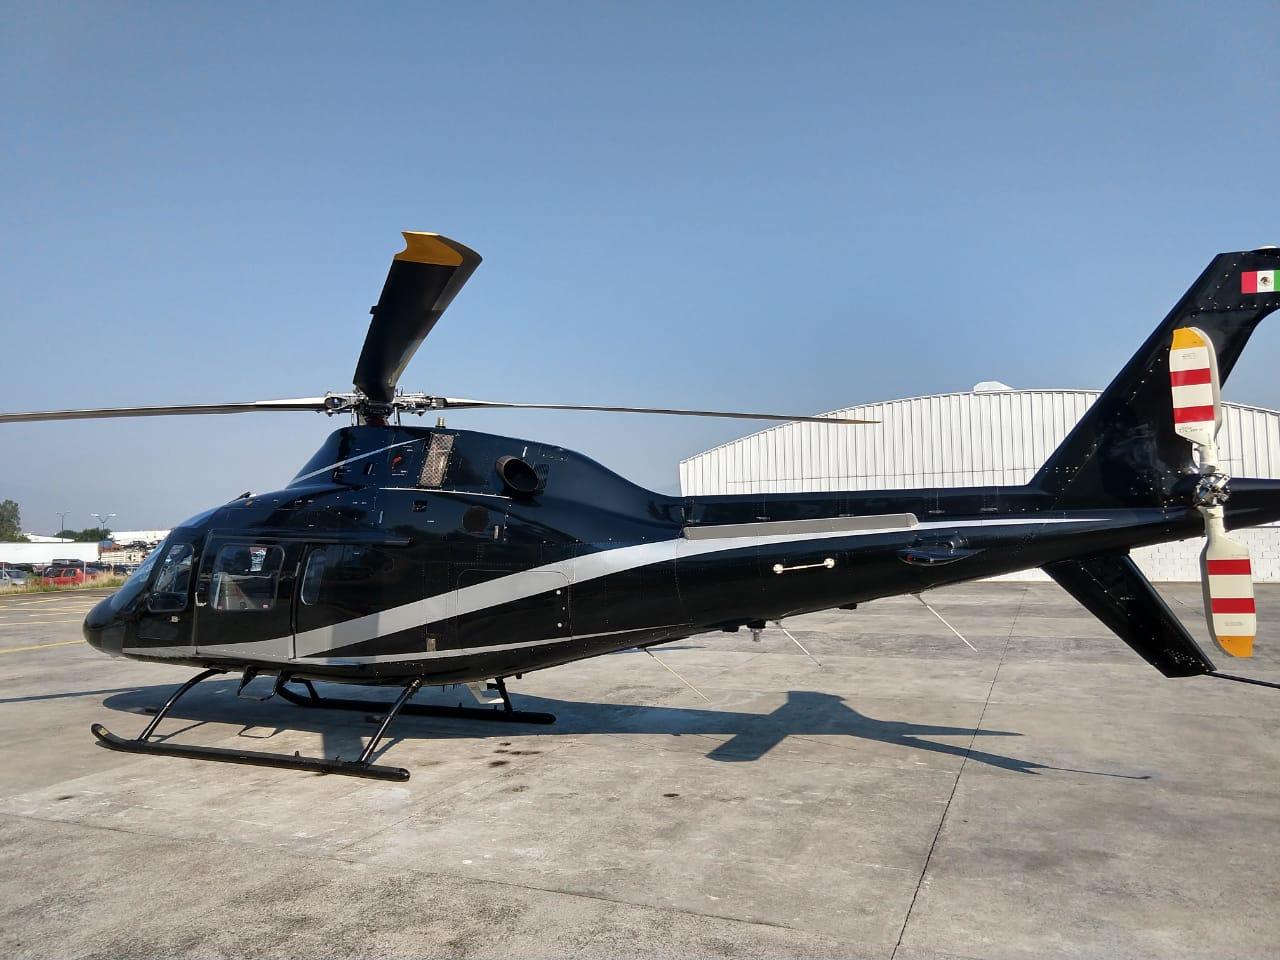 Aircraft Listing - Agusta AW119 Koala listed for sale